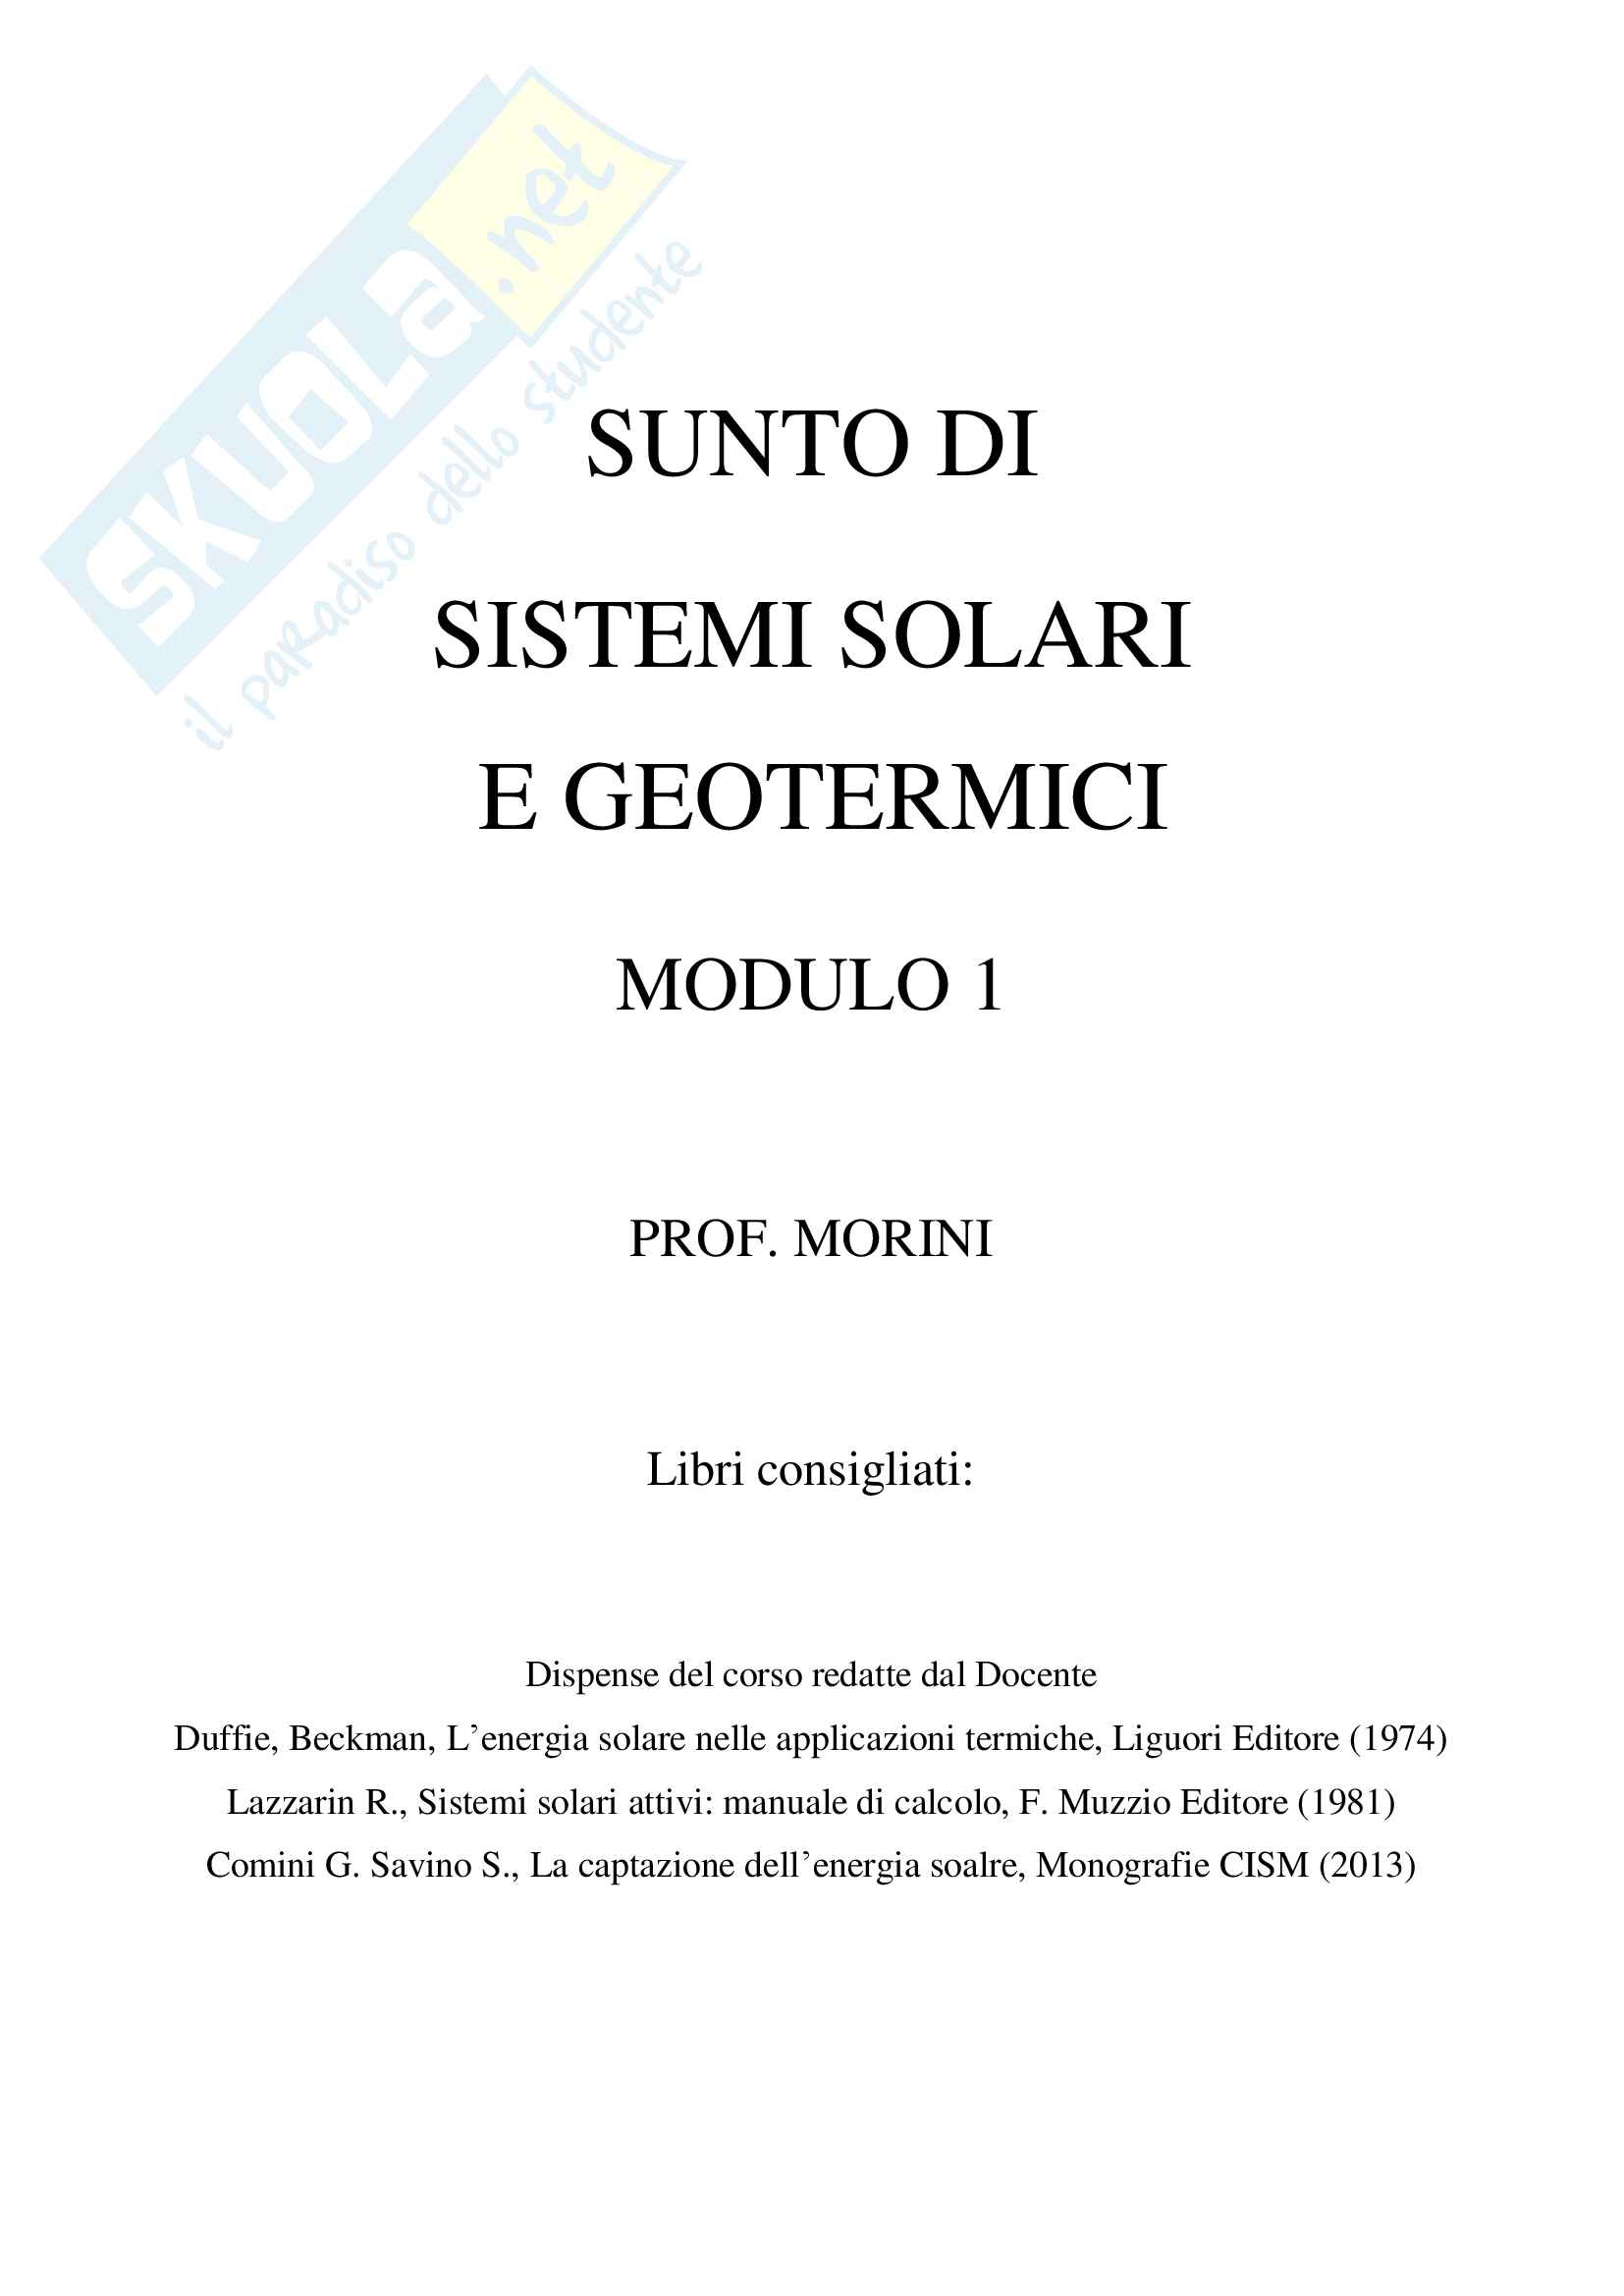 Riassunto esame Sistemi Solari e Geotermici Modulo 1, prof. Morini, libri consigliati Dispense del corso redatte dal Docente, Duffie & Beckman, L'energia solare nelle applicazioni termiche, Liguori Editore (1974)